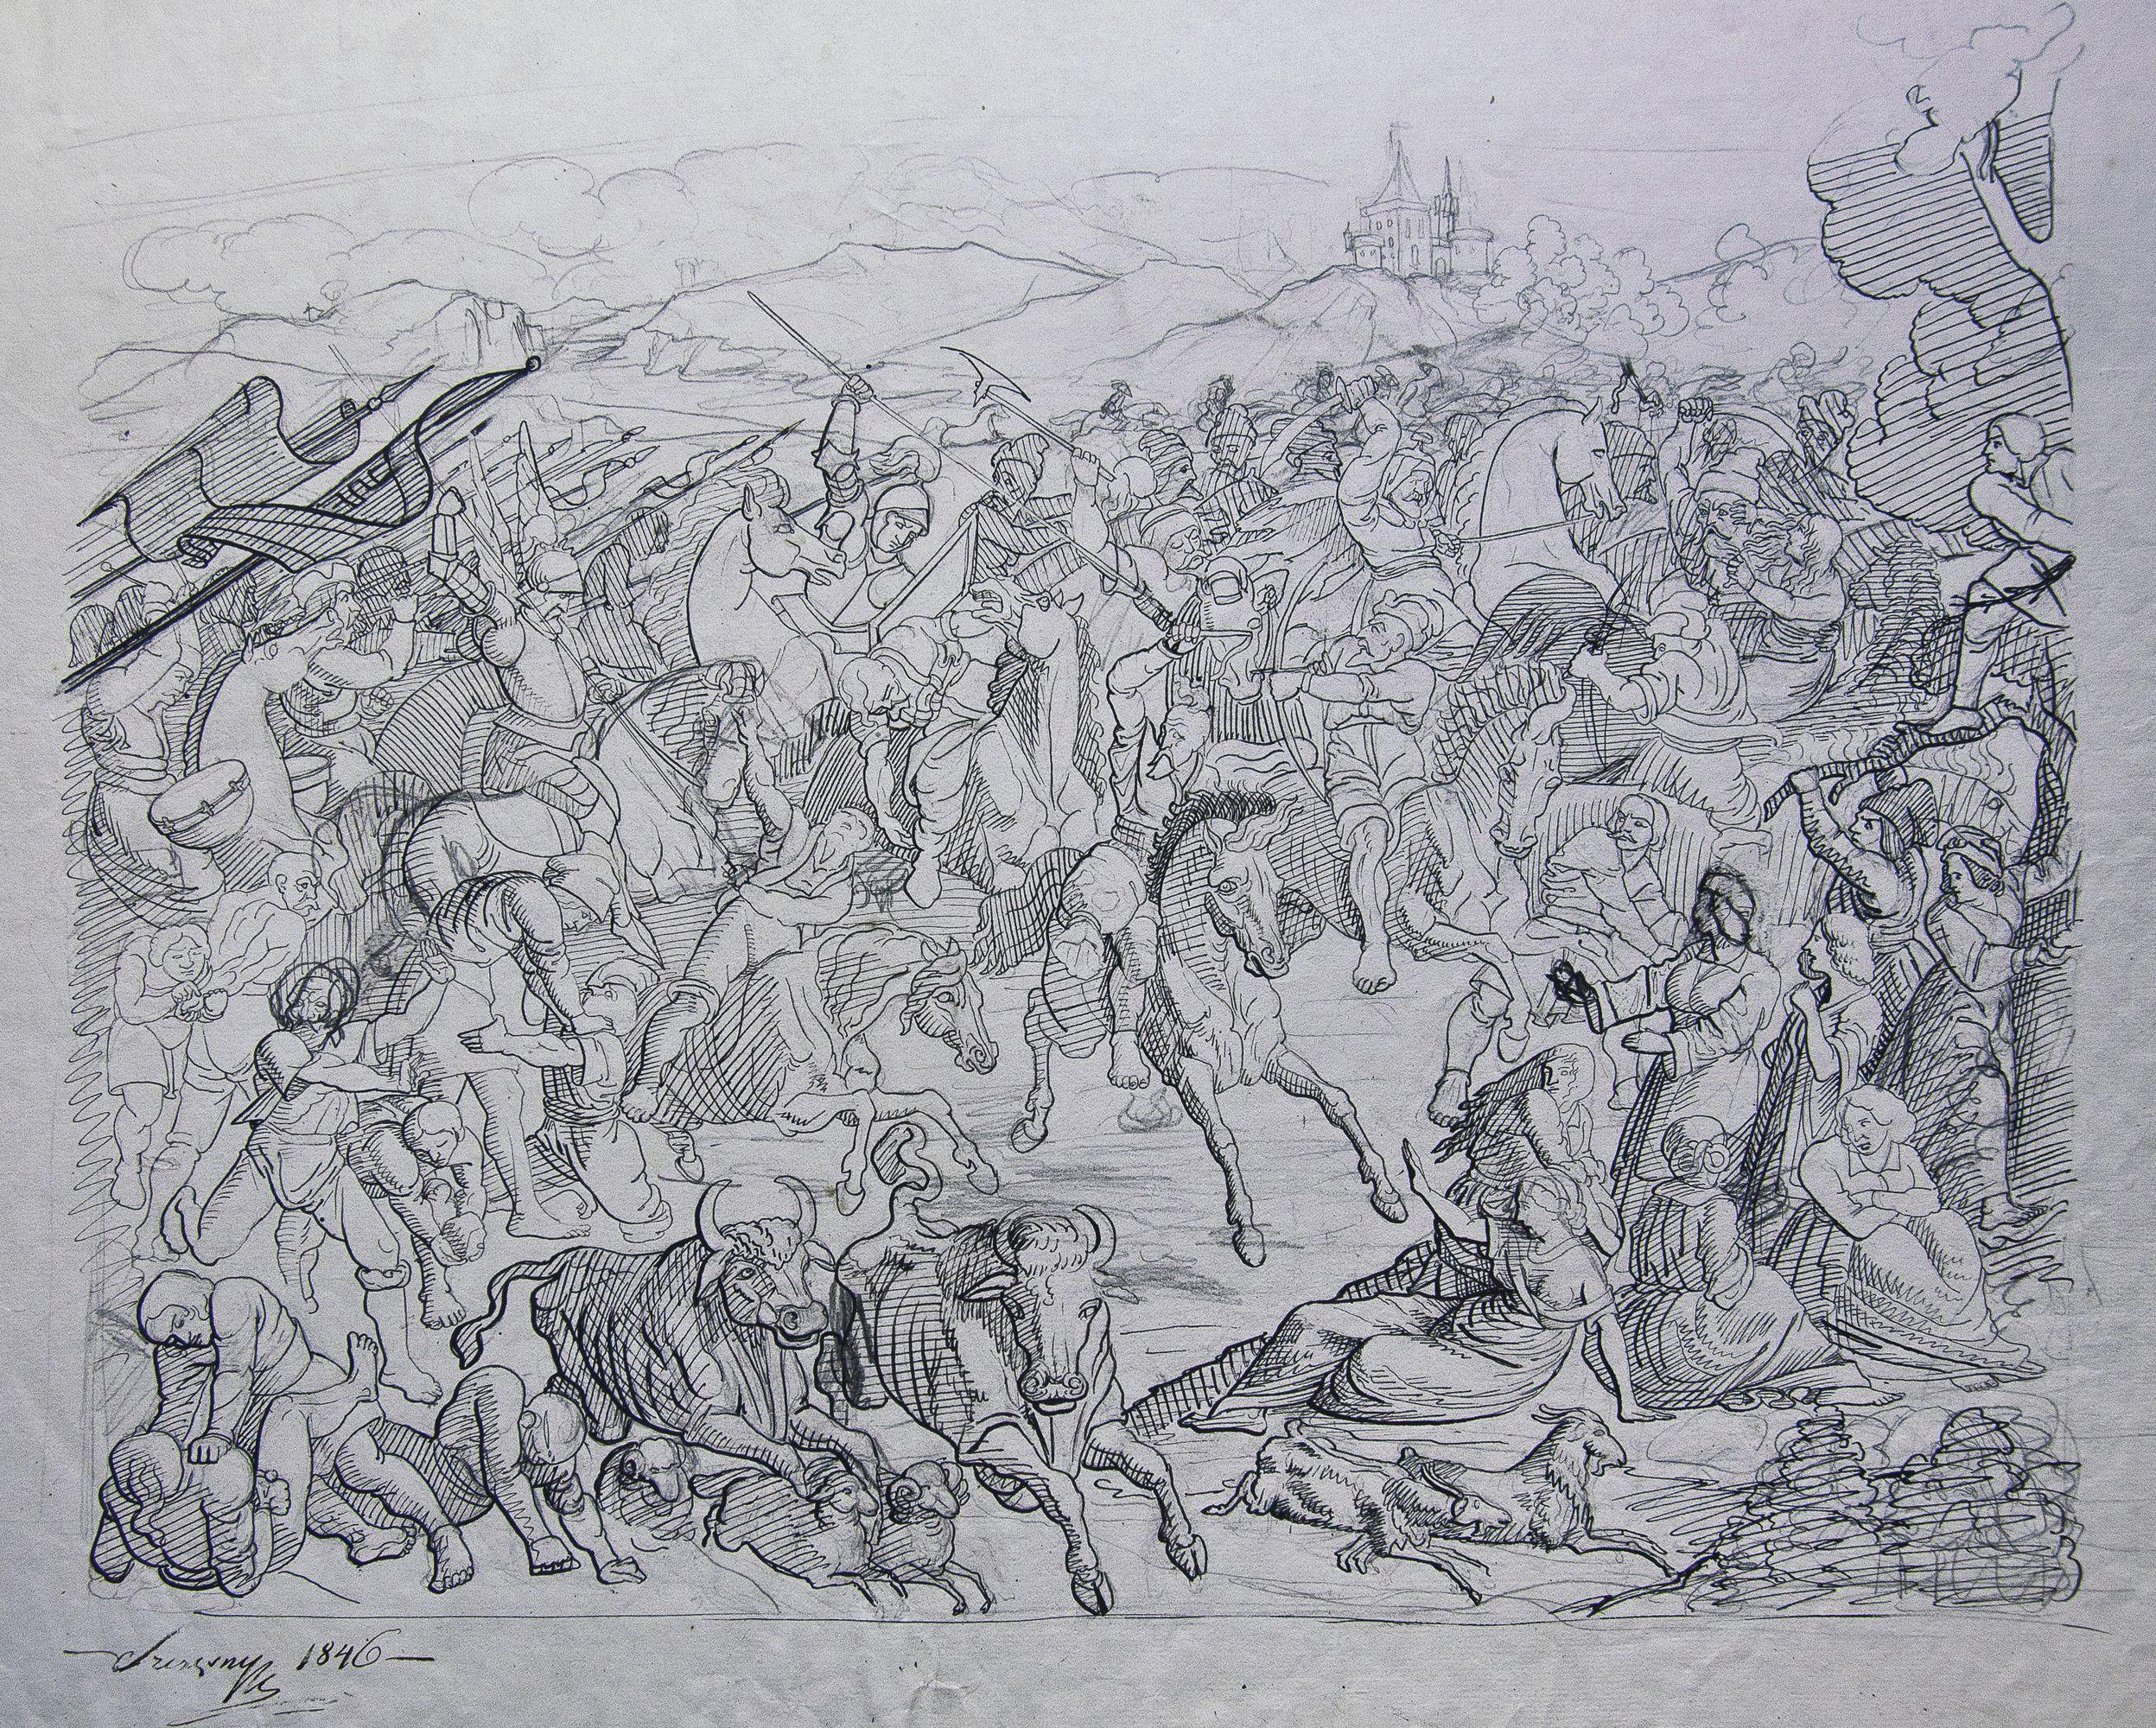 Фелікс Ян Щенсни Моравський. Битва з татарами, 1846